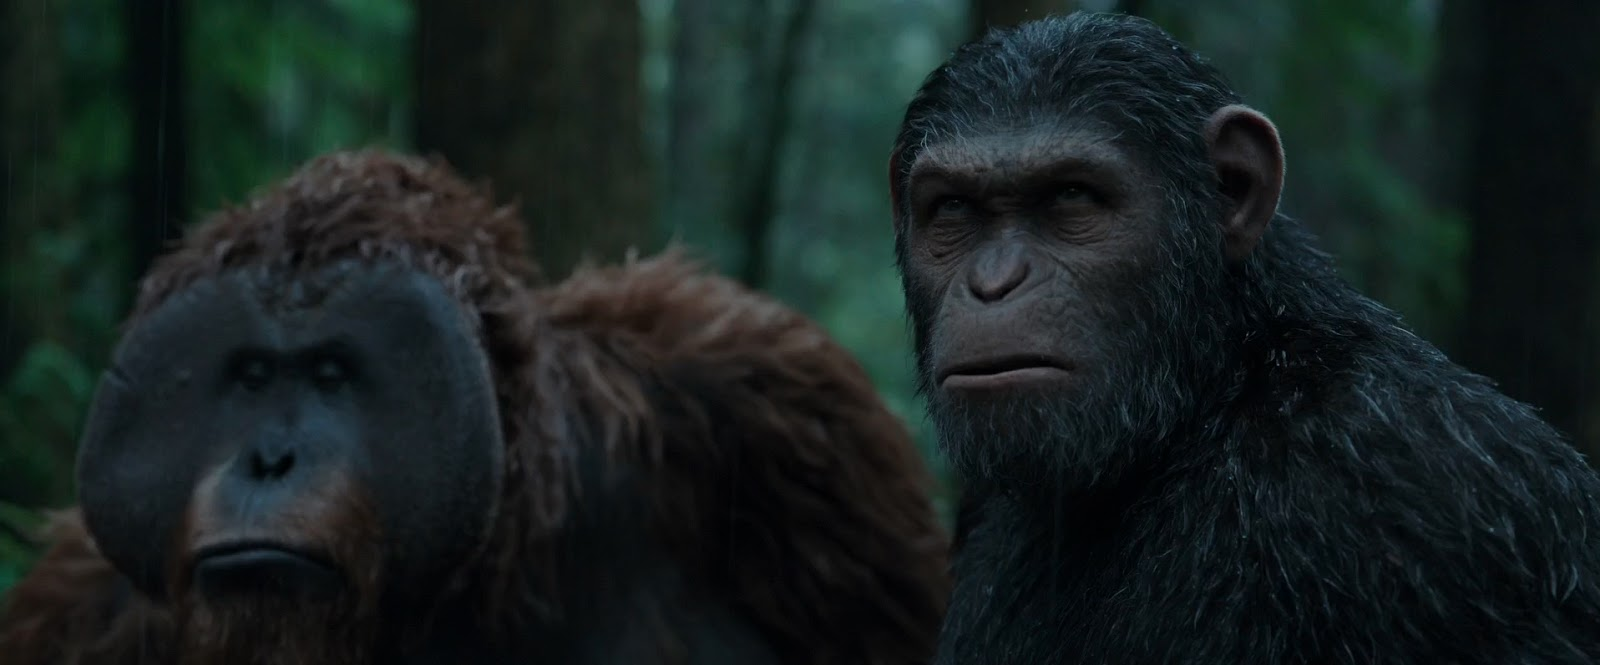 El Planeta de los Simios: La Guerra (2017) 1080p Latino - Ingles captura 1